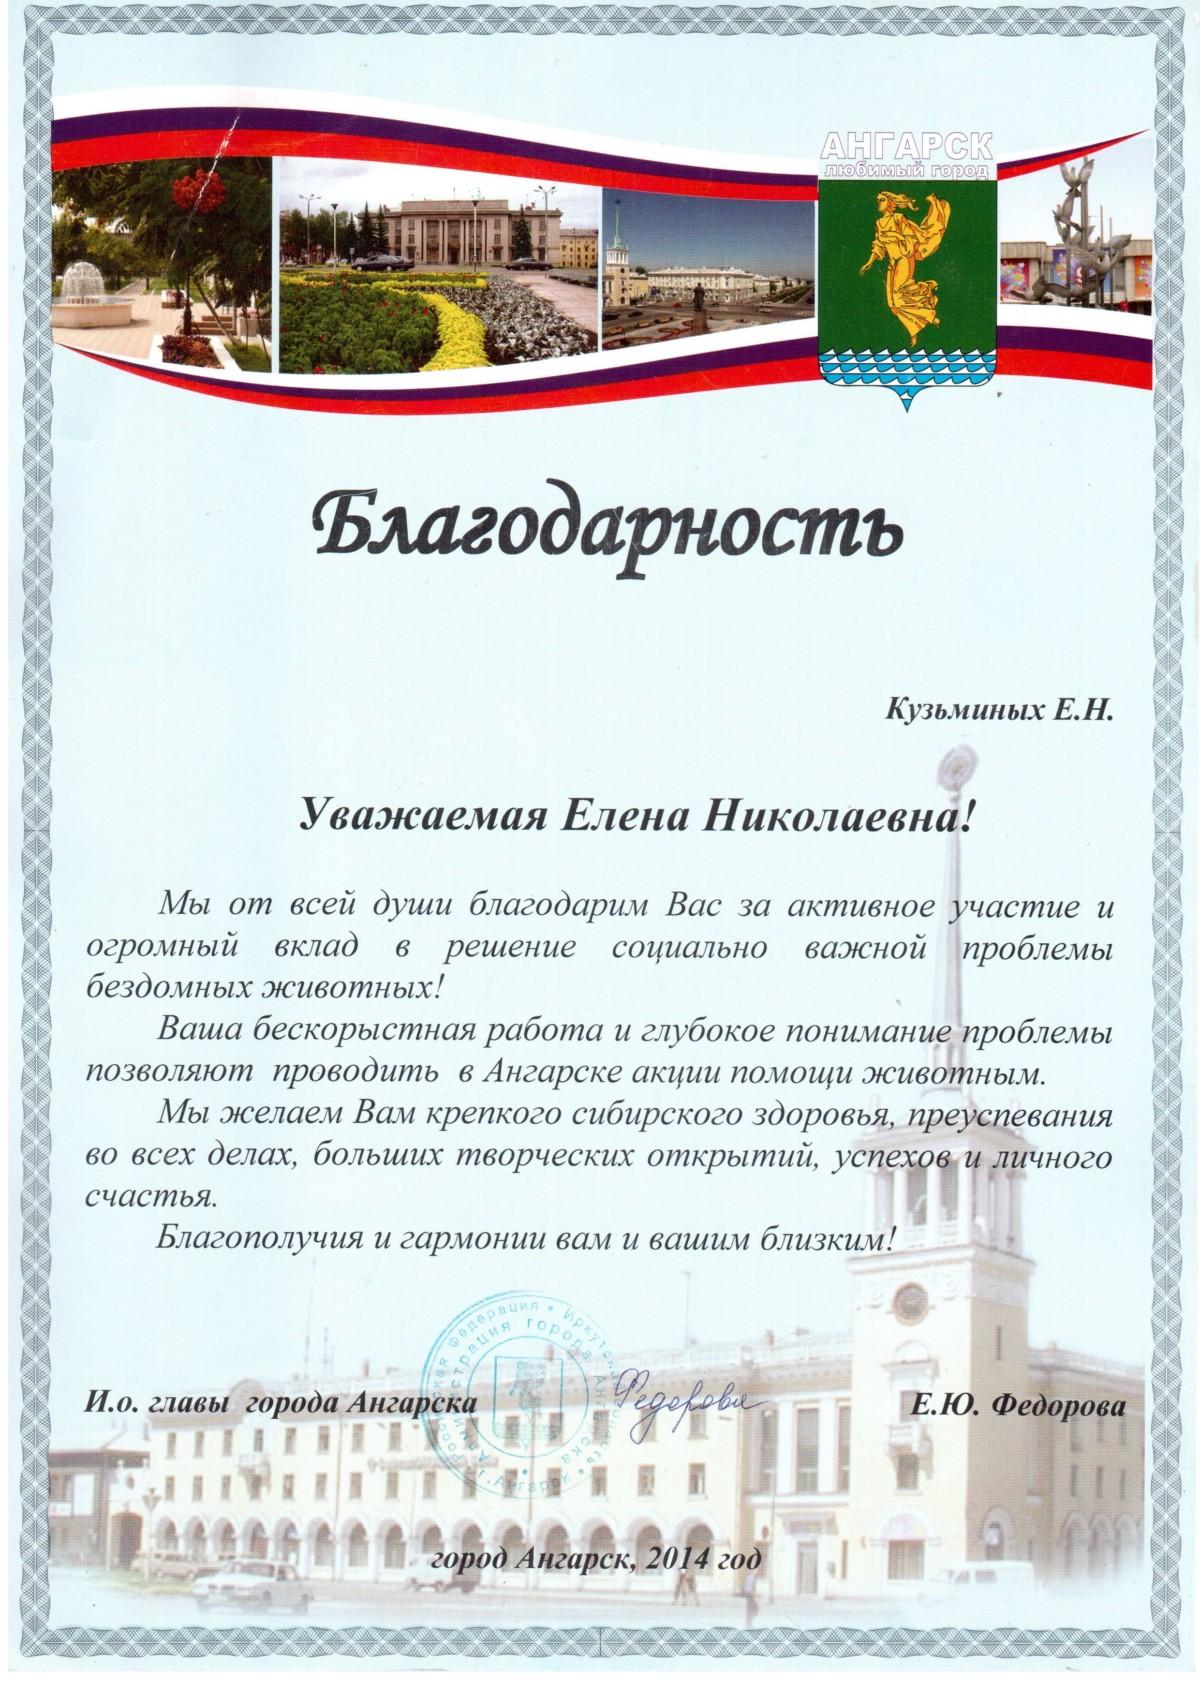 Благодарность Кузьминых Е.Н. 2014 г